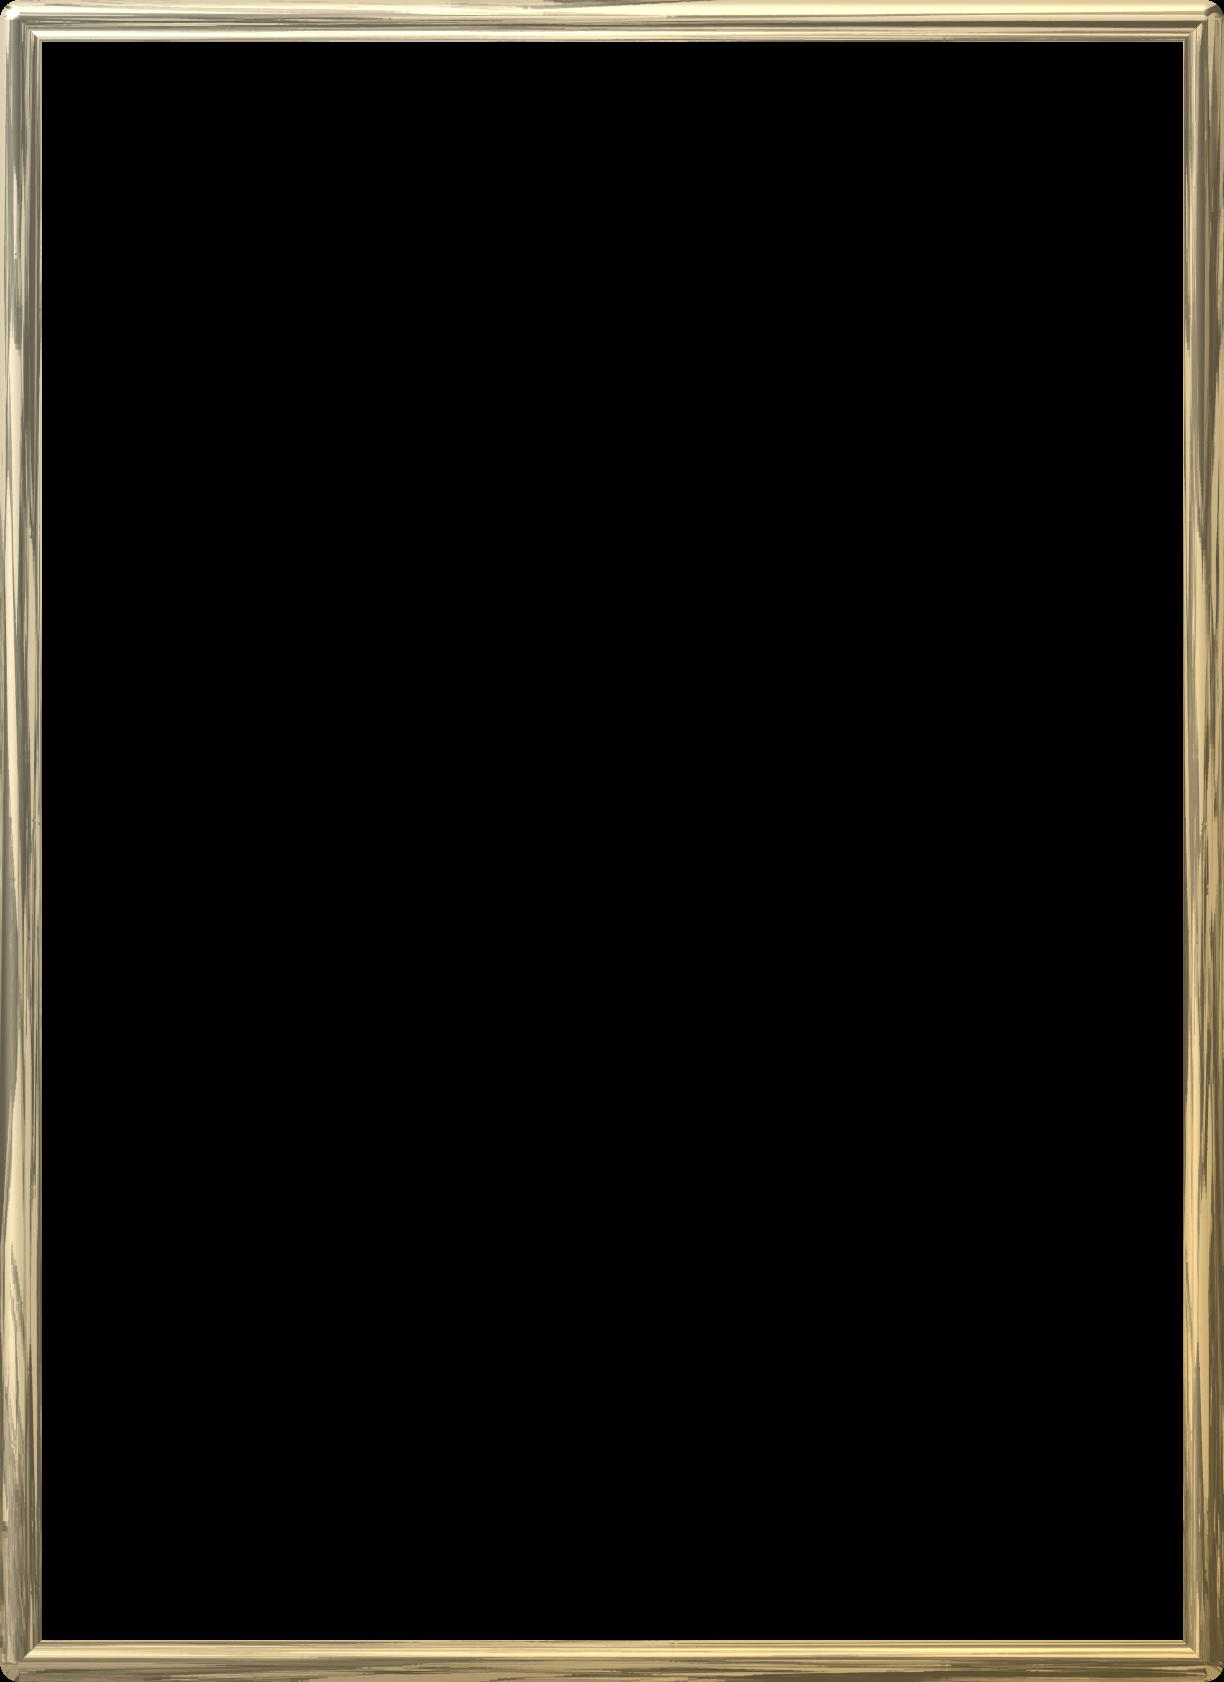 Border Frame Clipart HD - 17648 - TransparentPNG